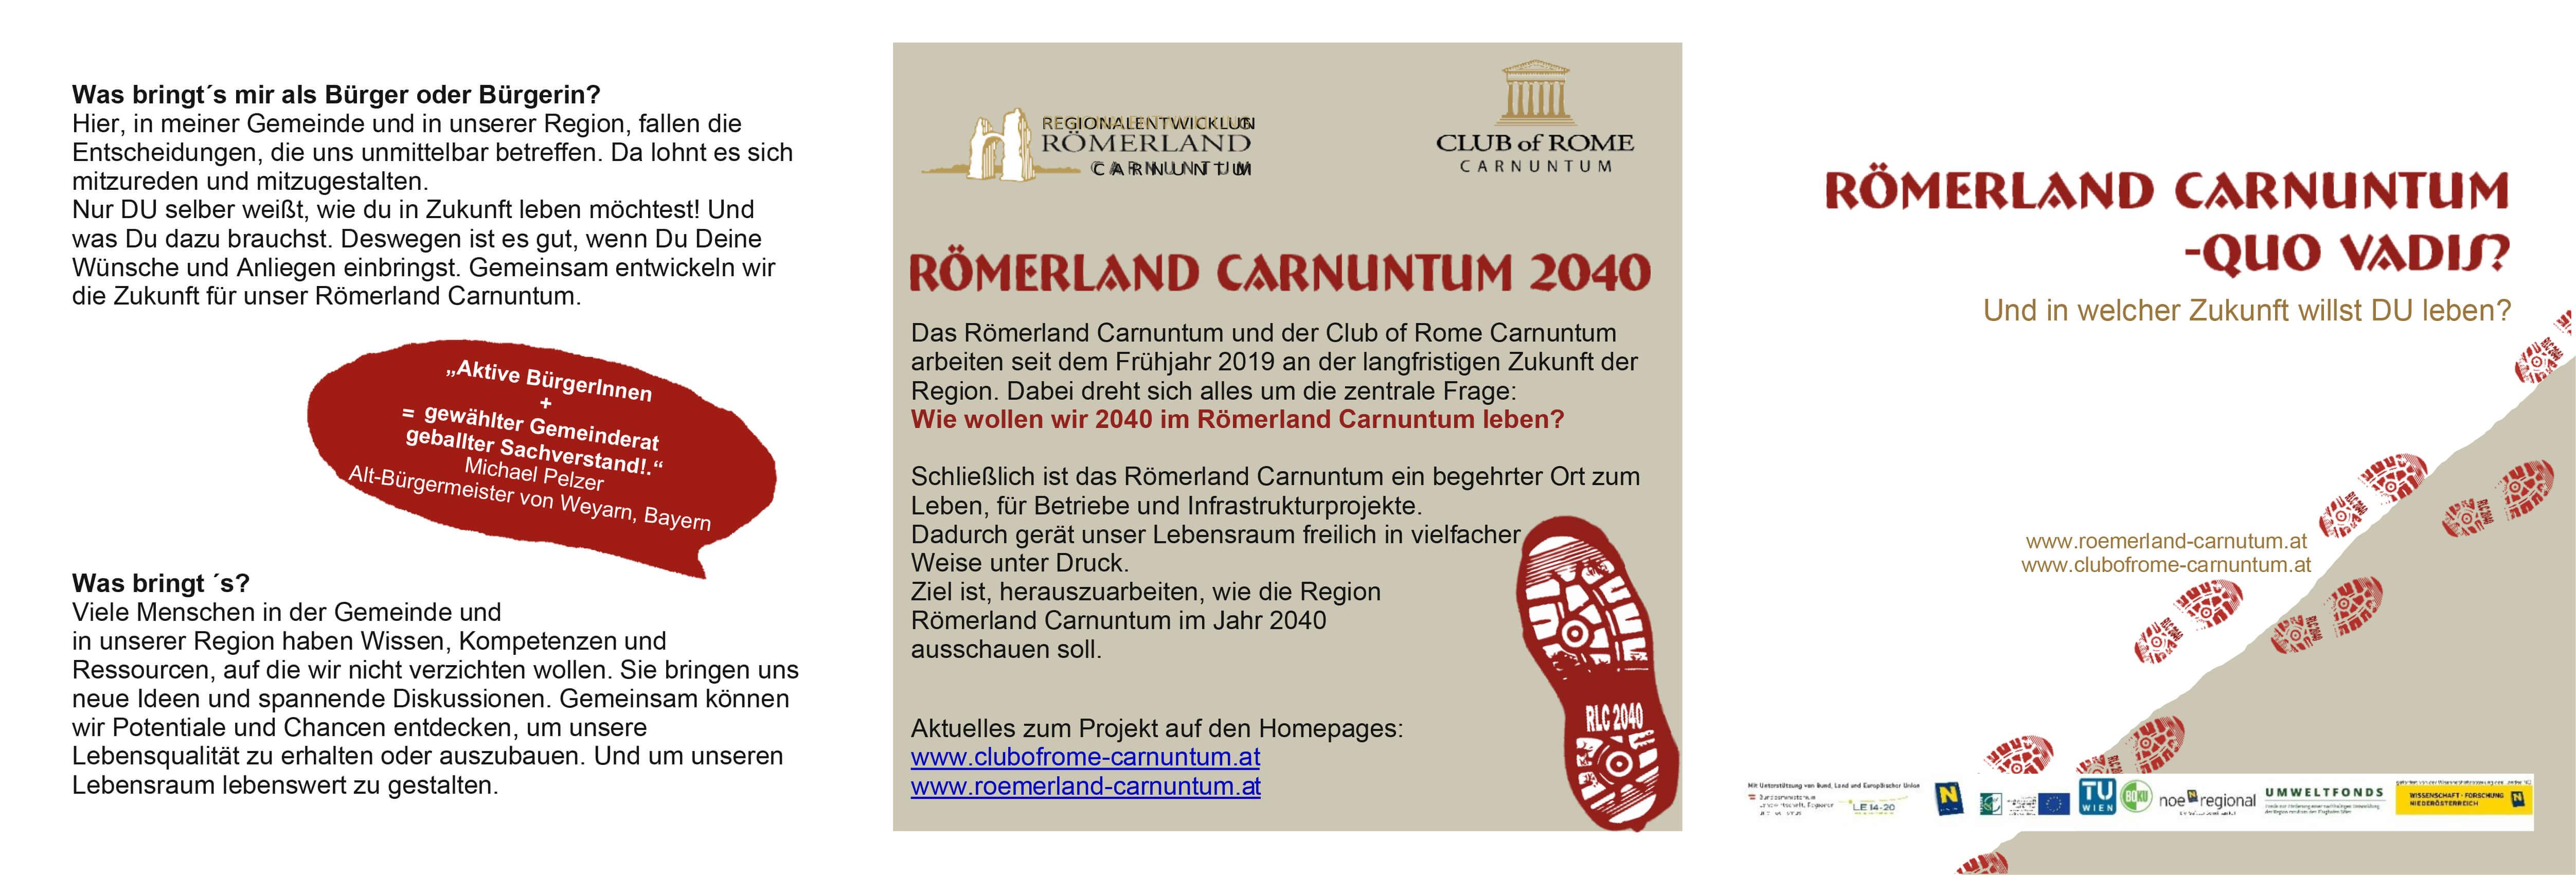 Poster: Römerland Carnuntum